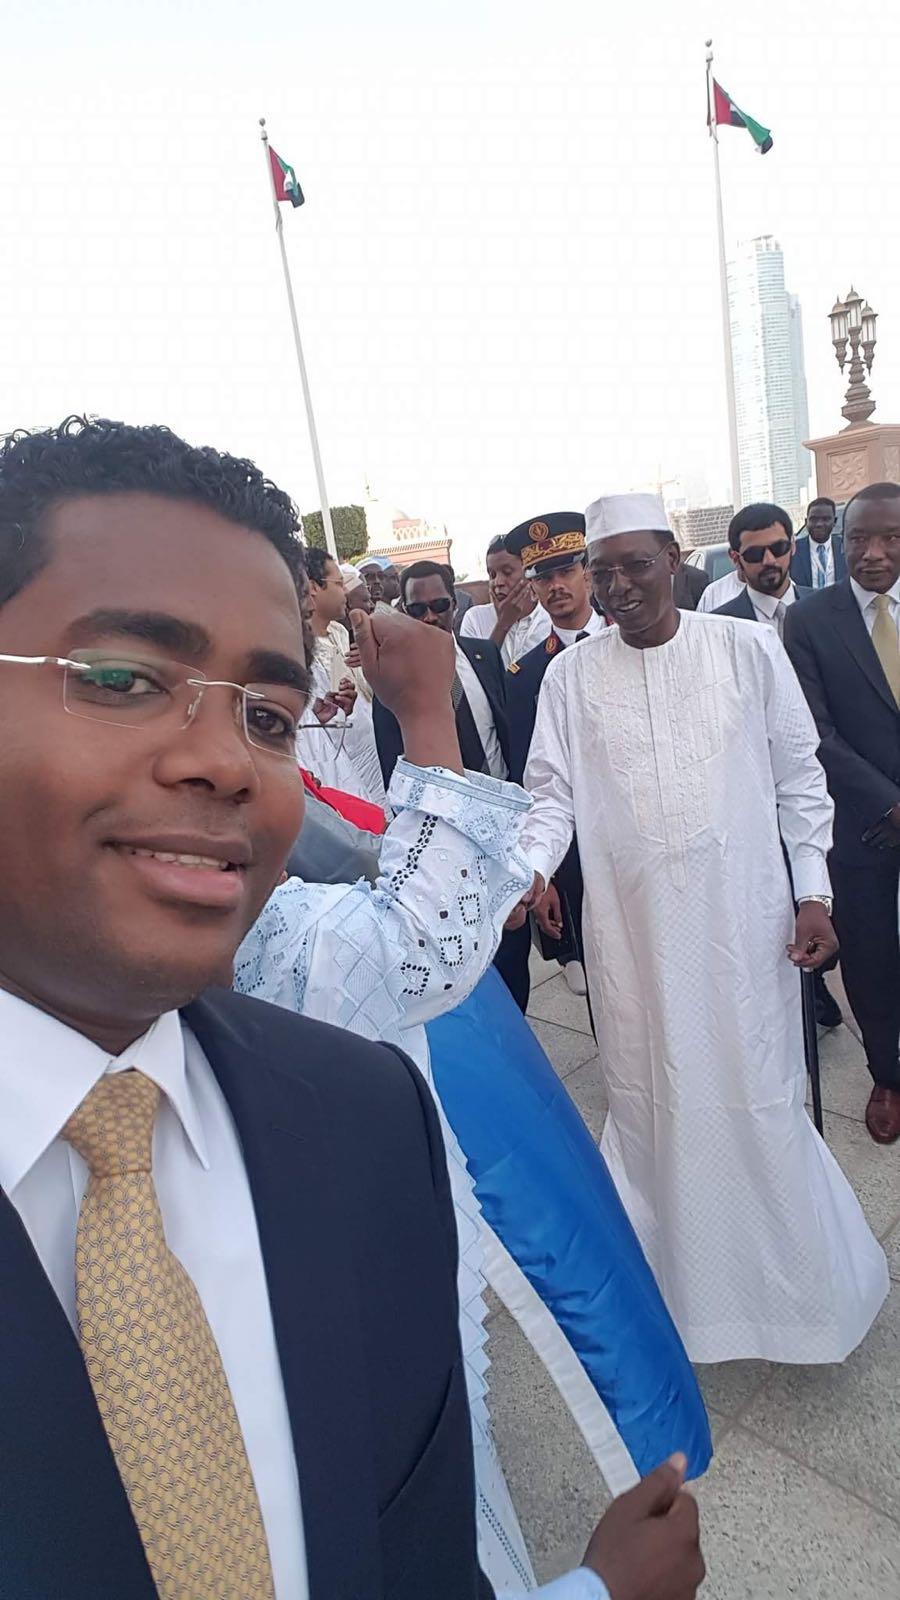 Le Président tchadien en visite aux Emirats arabes unis